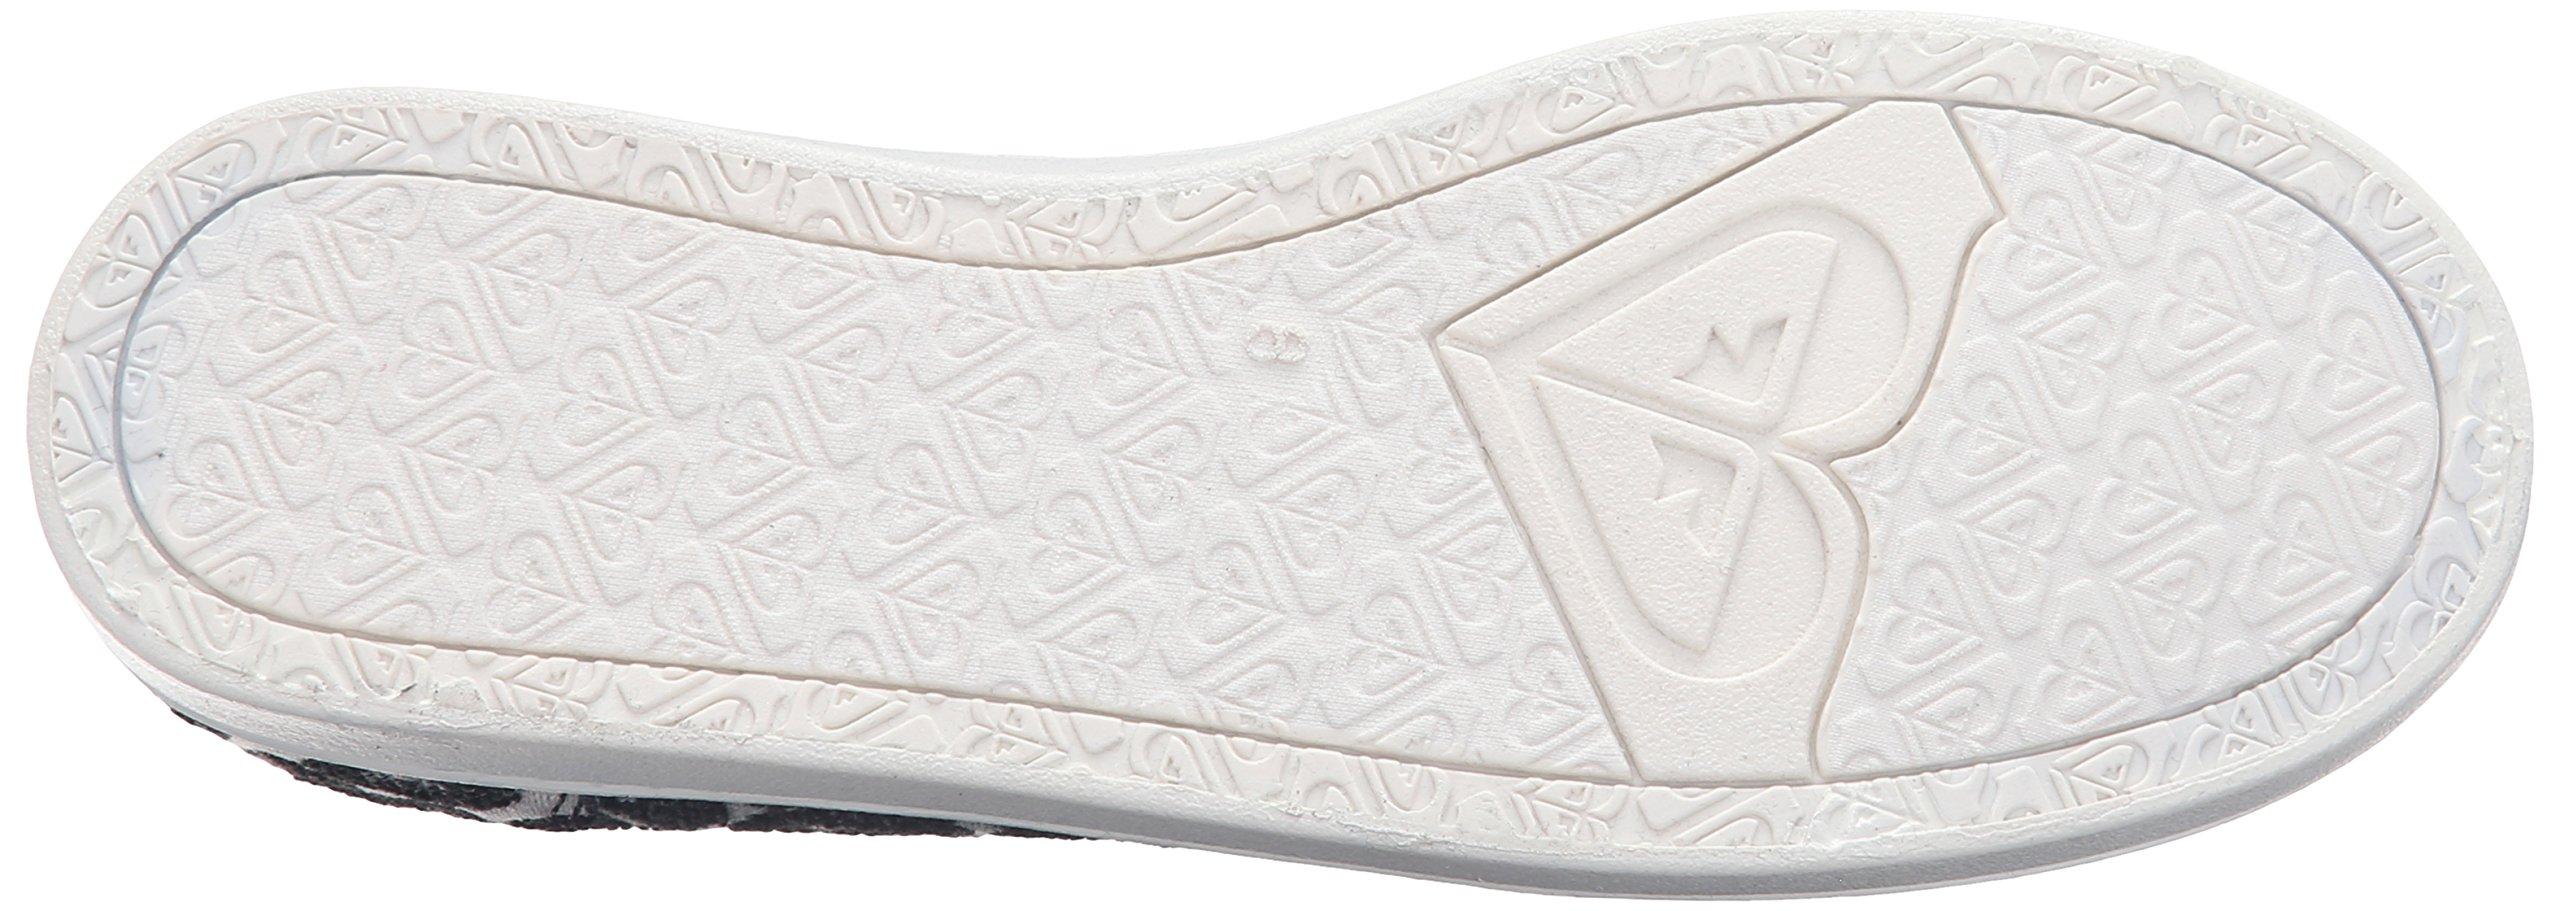 Roxy Women's Lido Iii Slip-on Shoes Flat, Black/Black/Dark Grey, 7 M US by Roxy (Image #3)